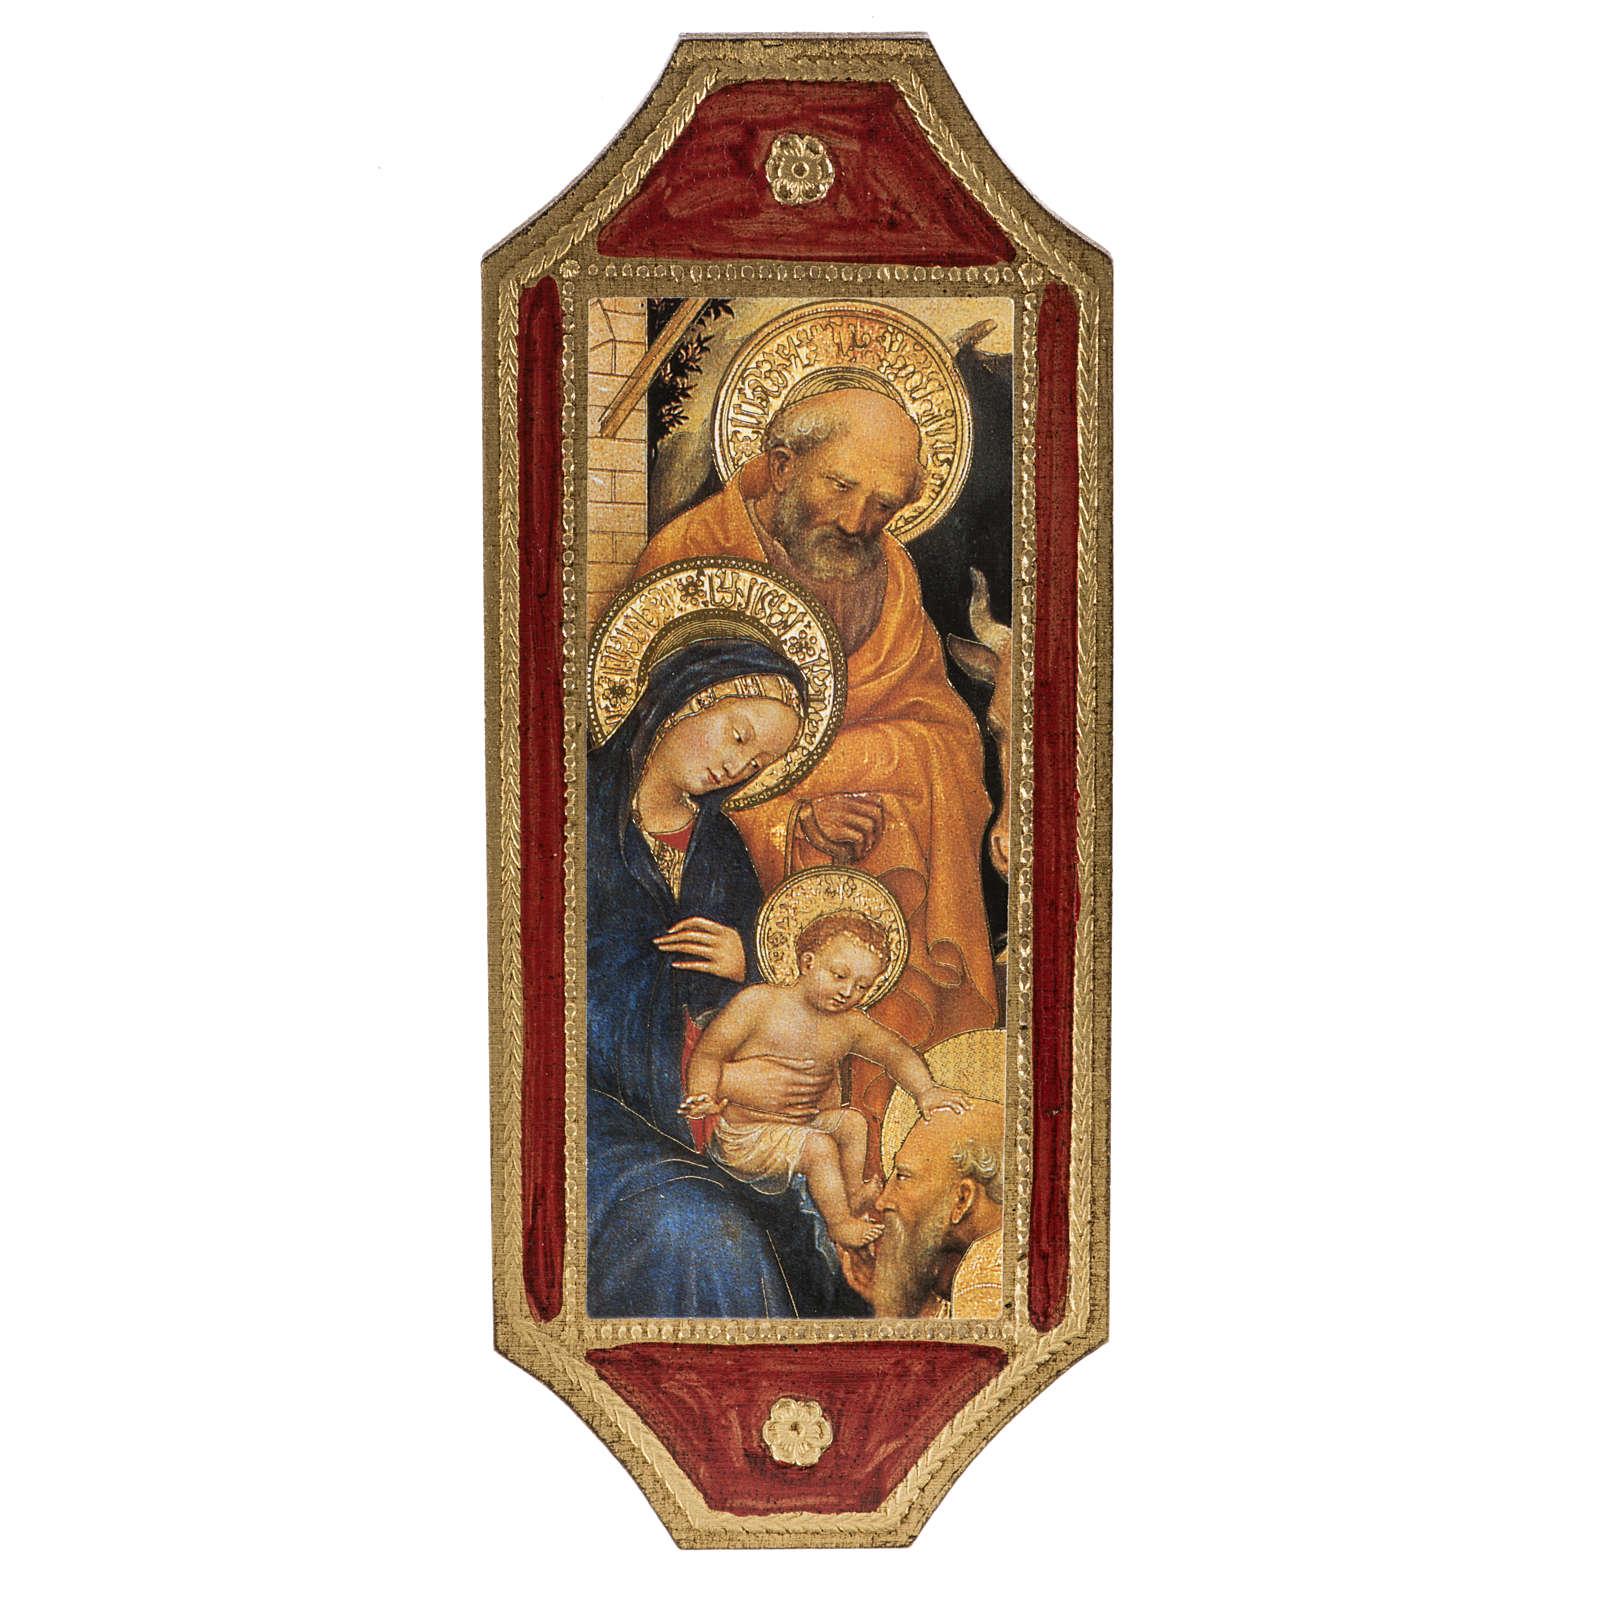 Stampa legno Natività cornice rossa 18,5x7 3